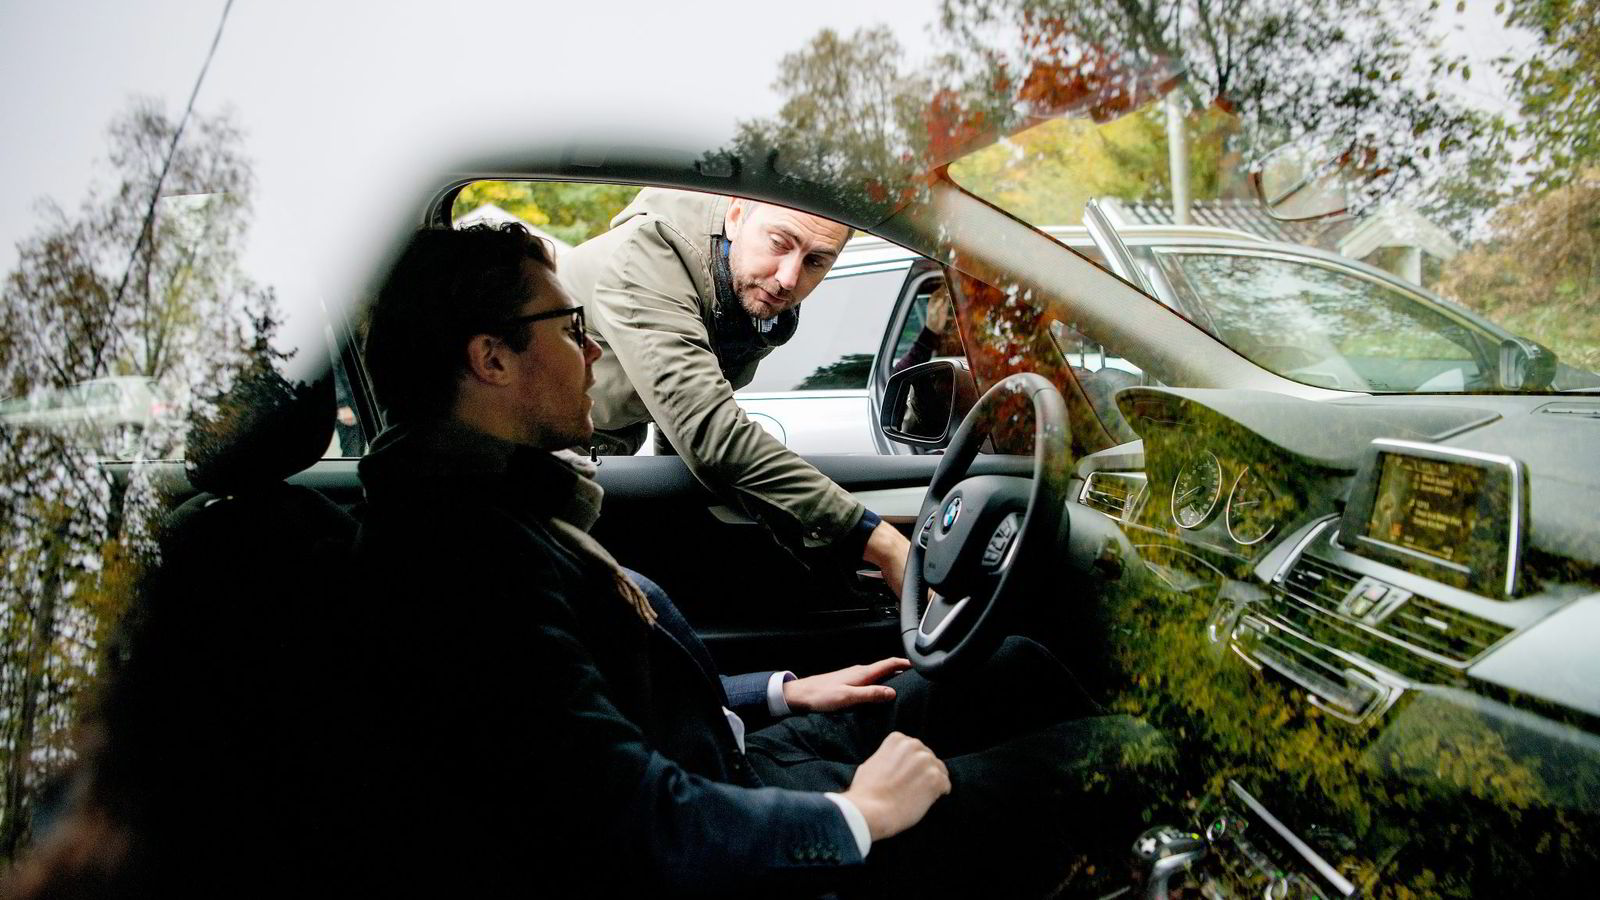 BMWs Marius Tegneby hjelper Mercedes-representant Audun Hermansen til rette bak BMW- rattet. Er det sportsknappen han viser frem? Tegneby savnet en slik knapp da han testet Hermansens Mercedes. Begge foto: Mikaela Berg